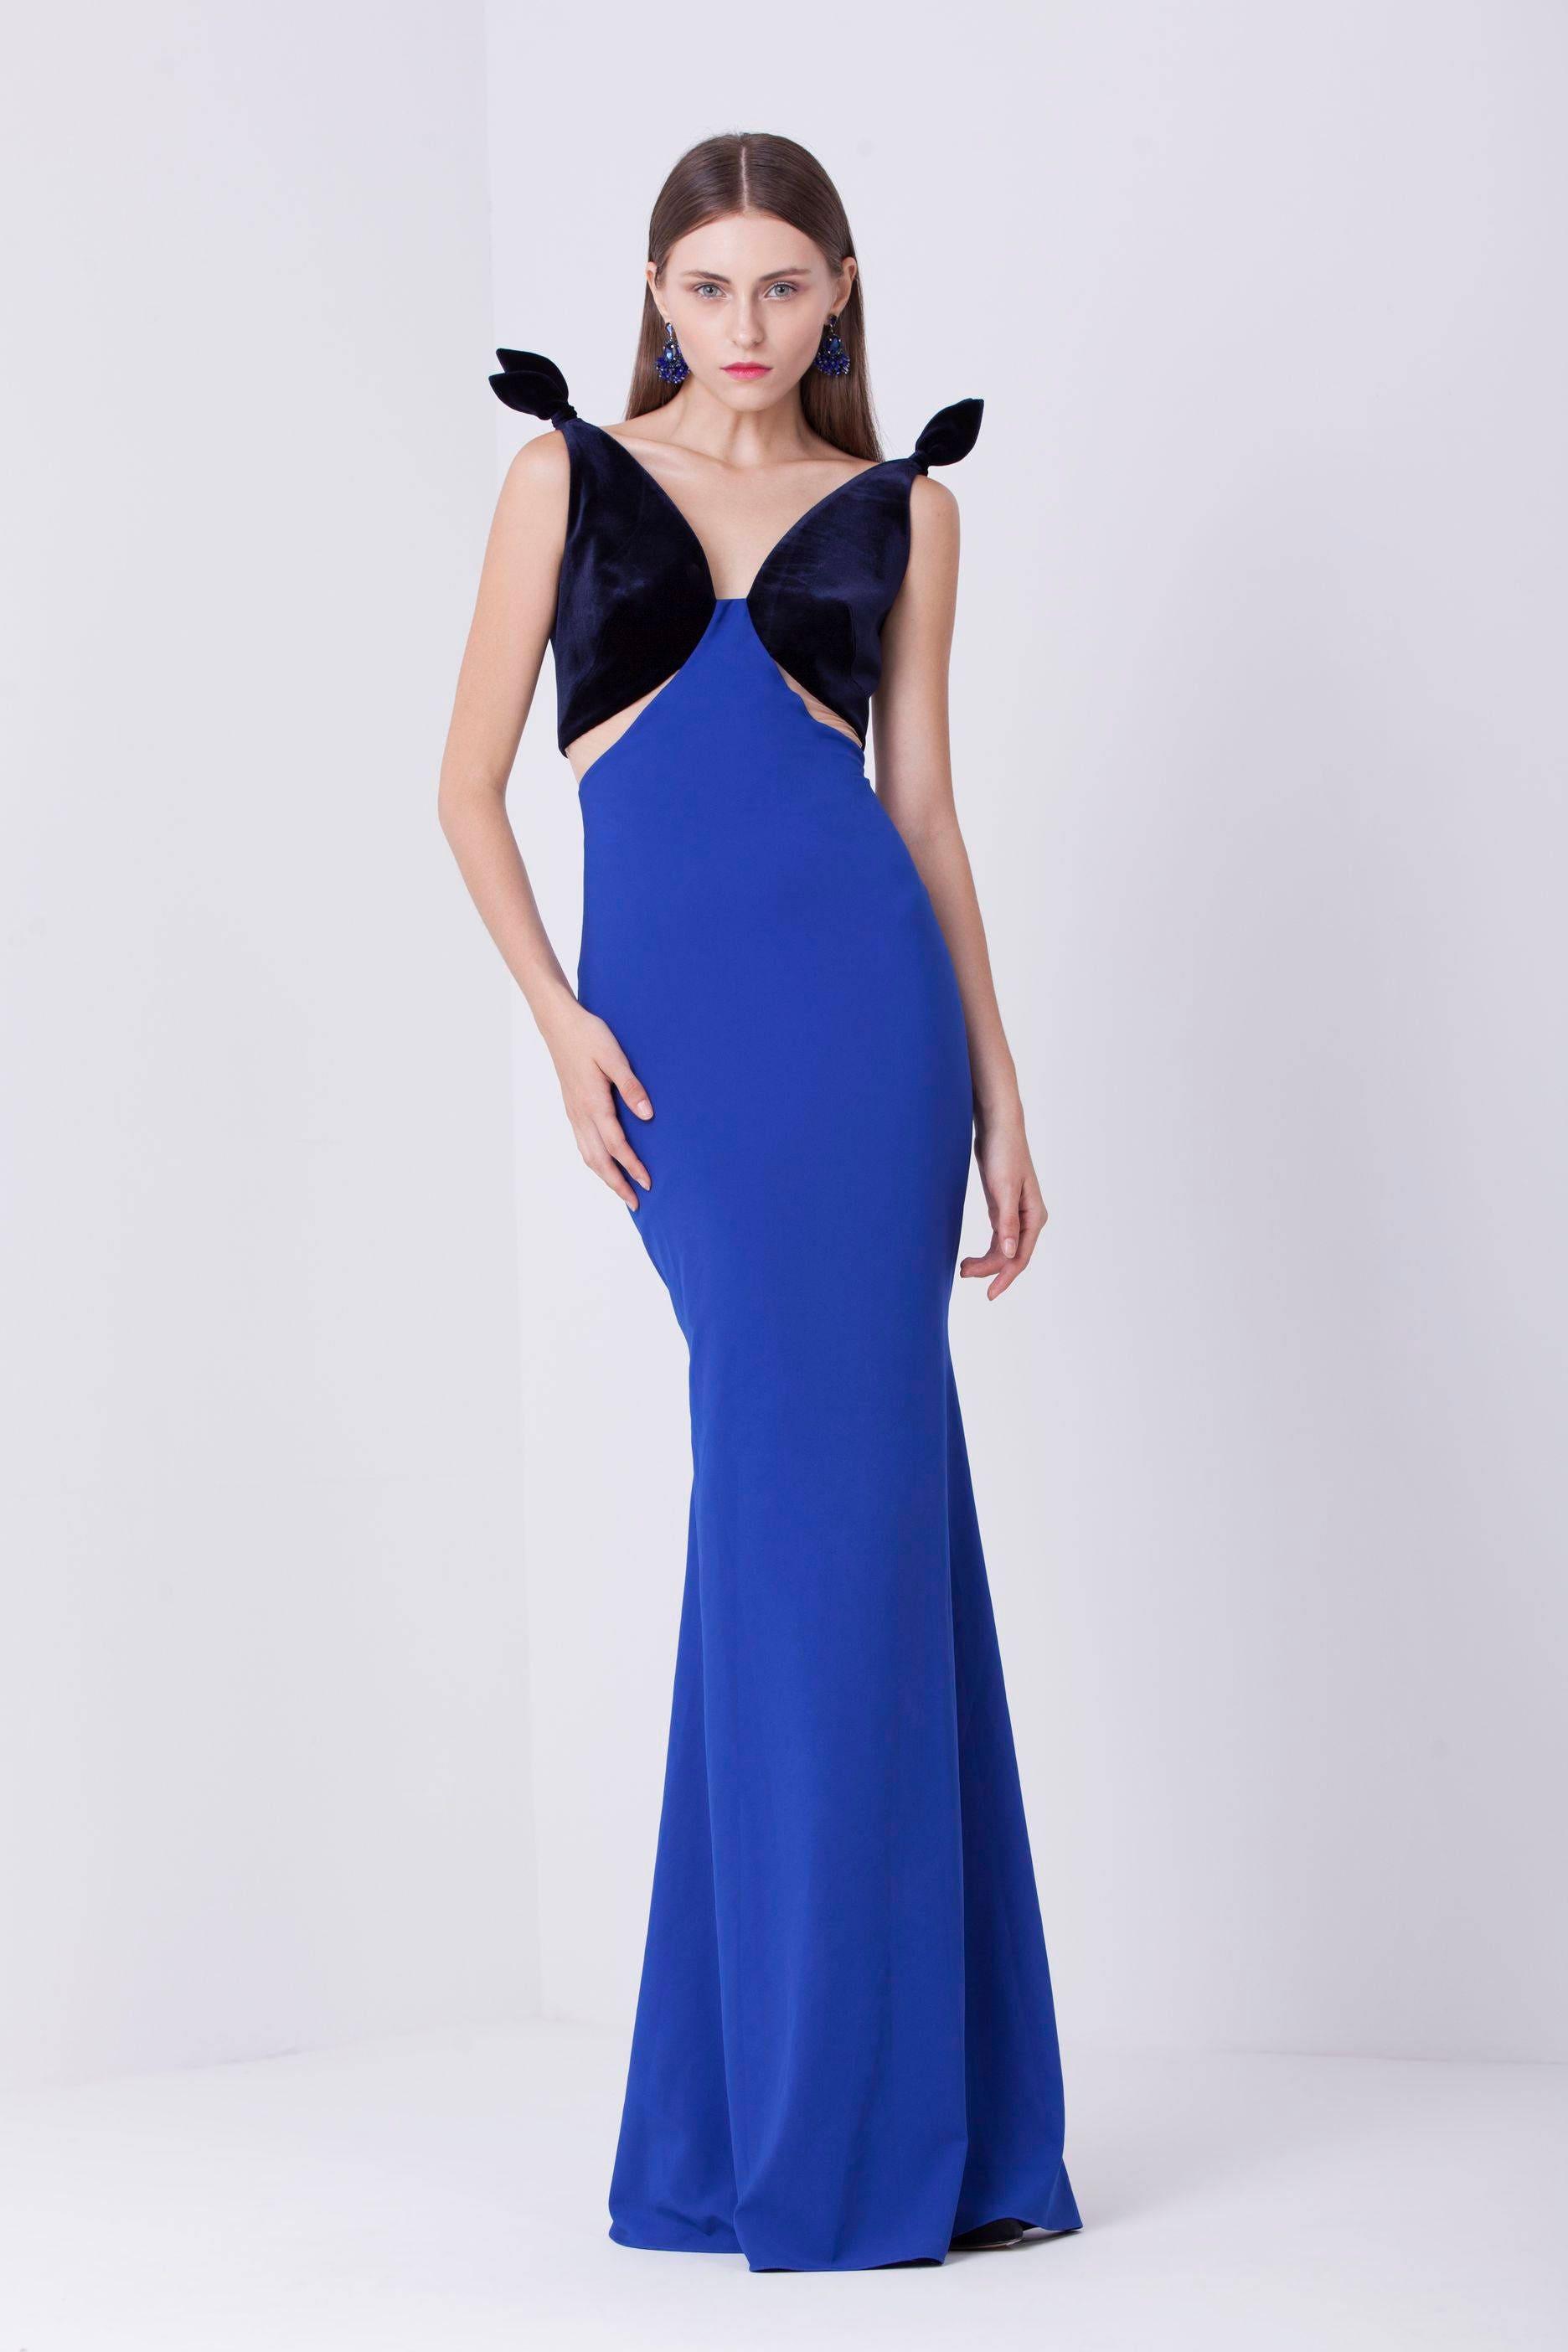 Blau Abendkleid Hochzeit Gast besonderen Anlass Kleid